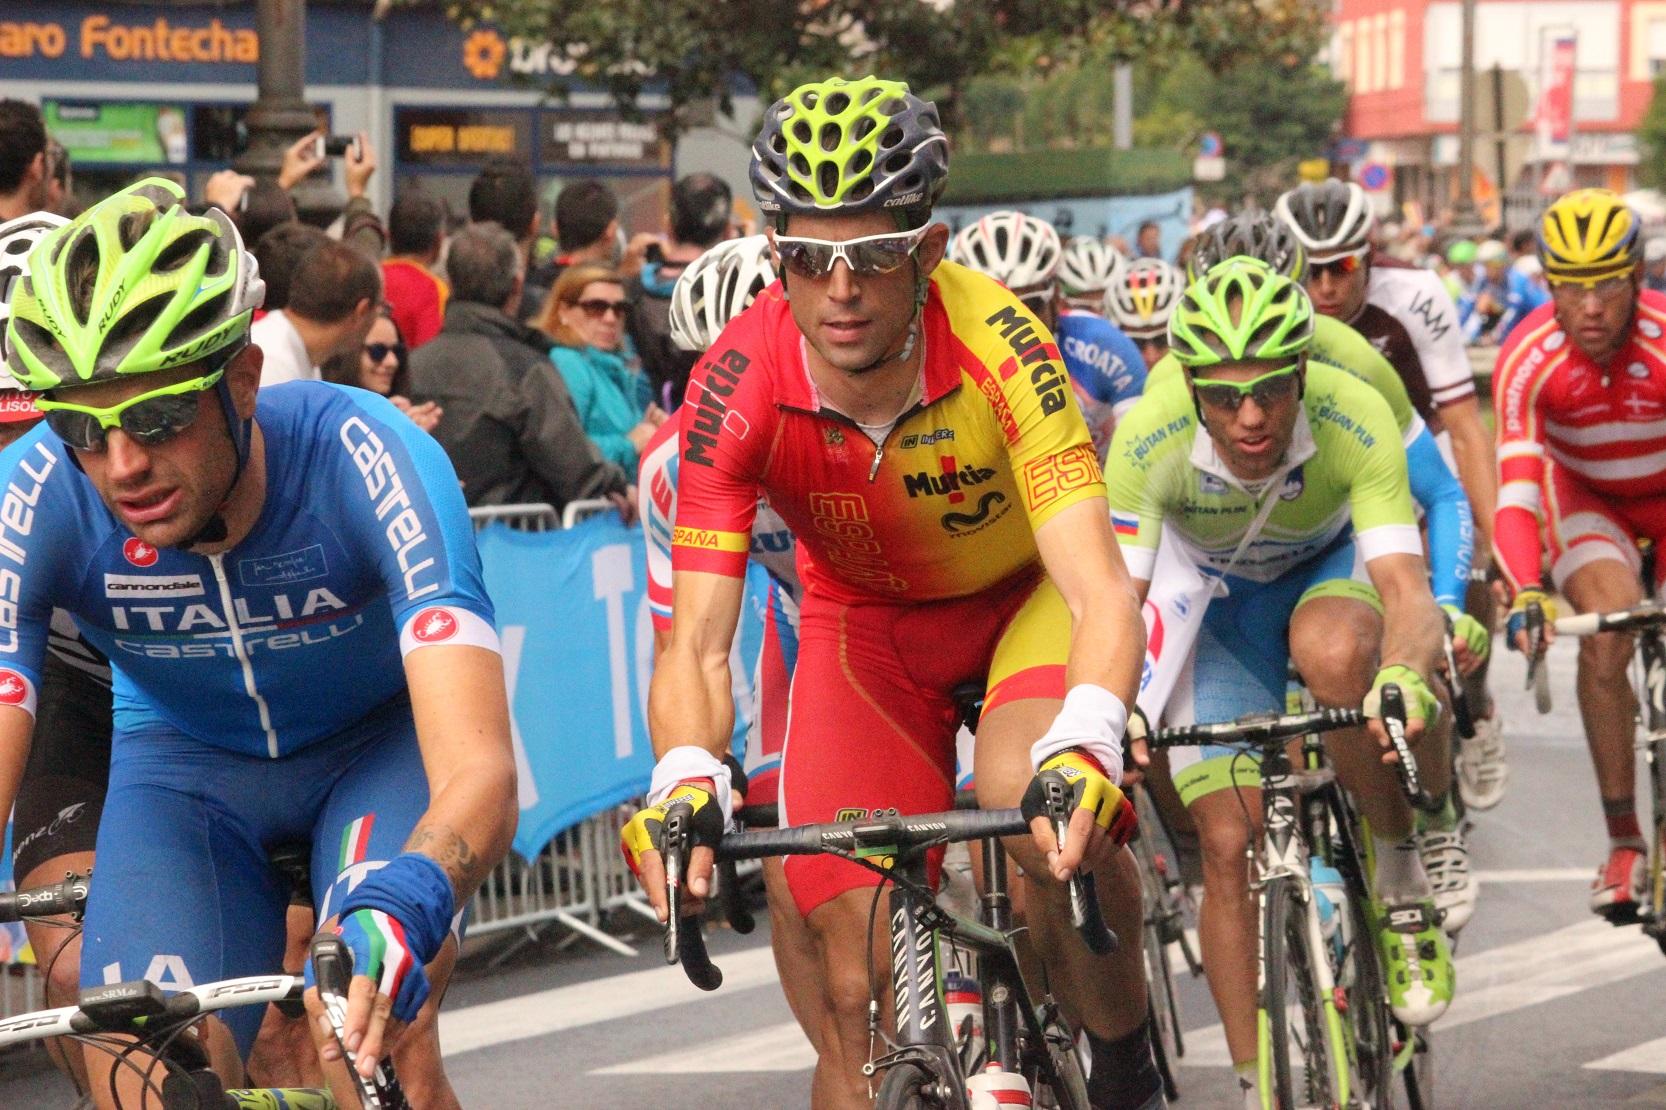 Mundial Ciclismo día ruta (5)